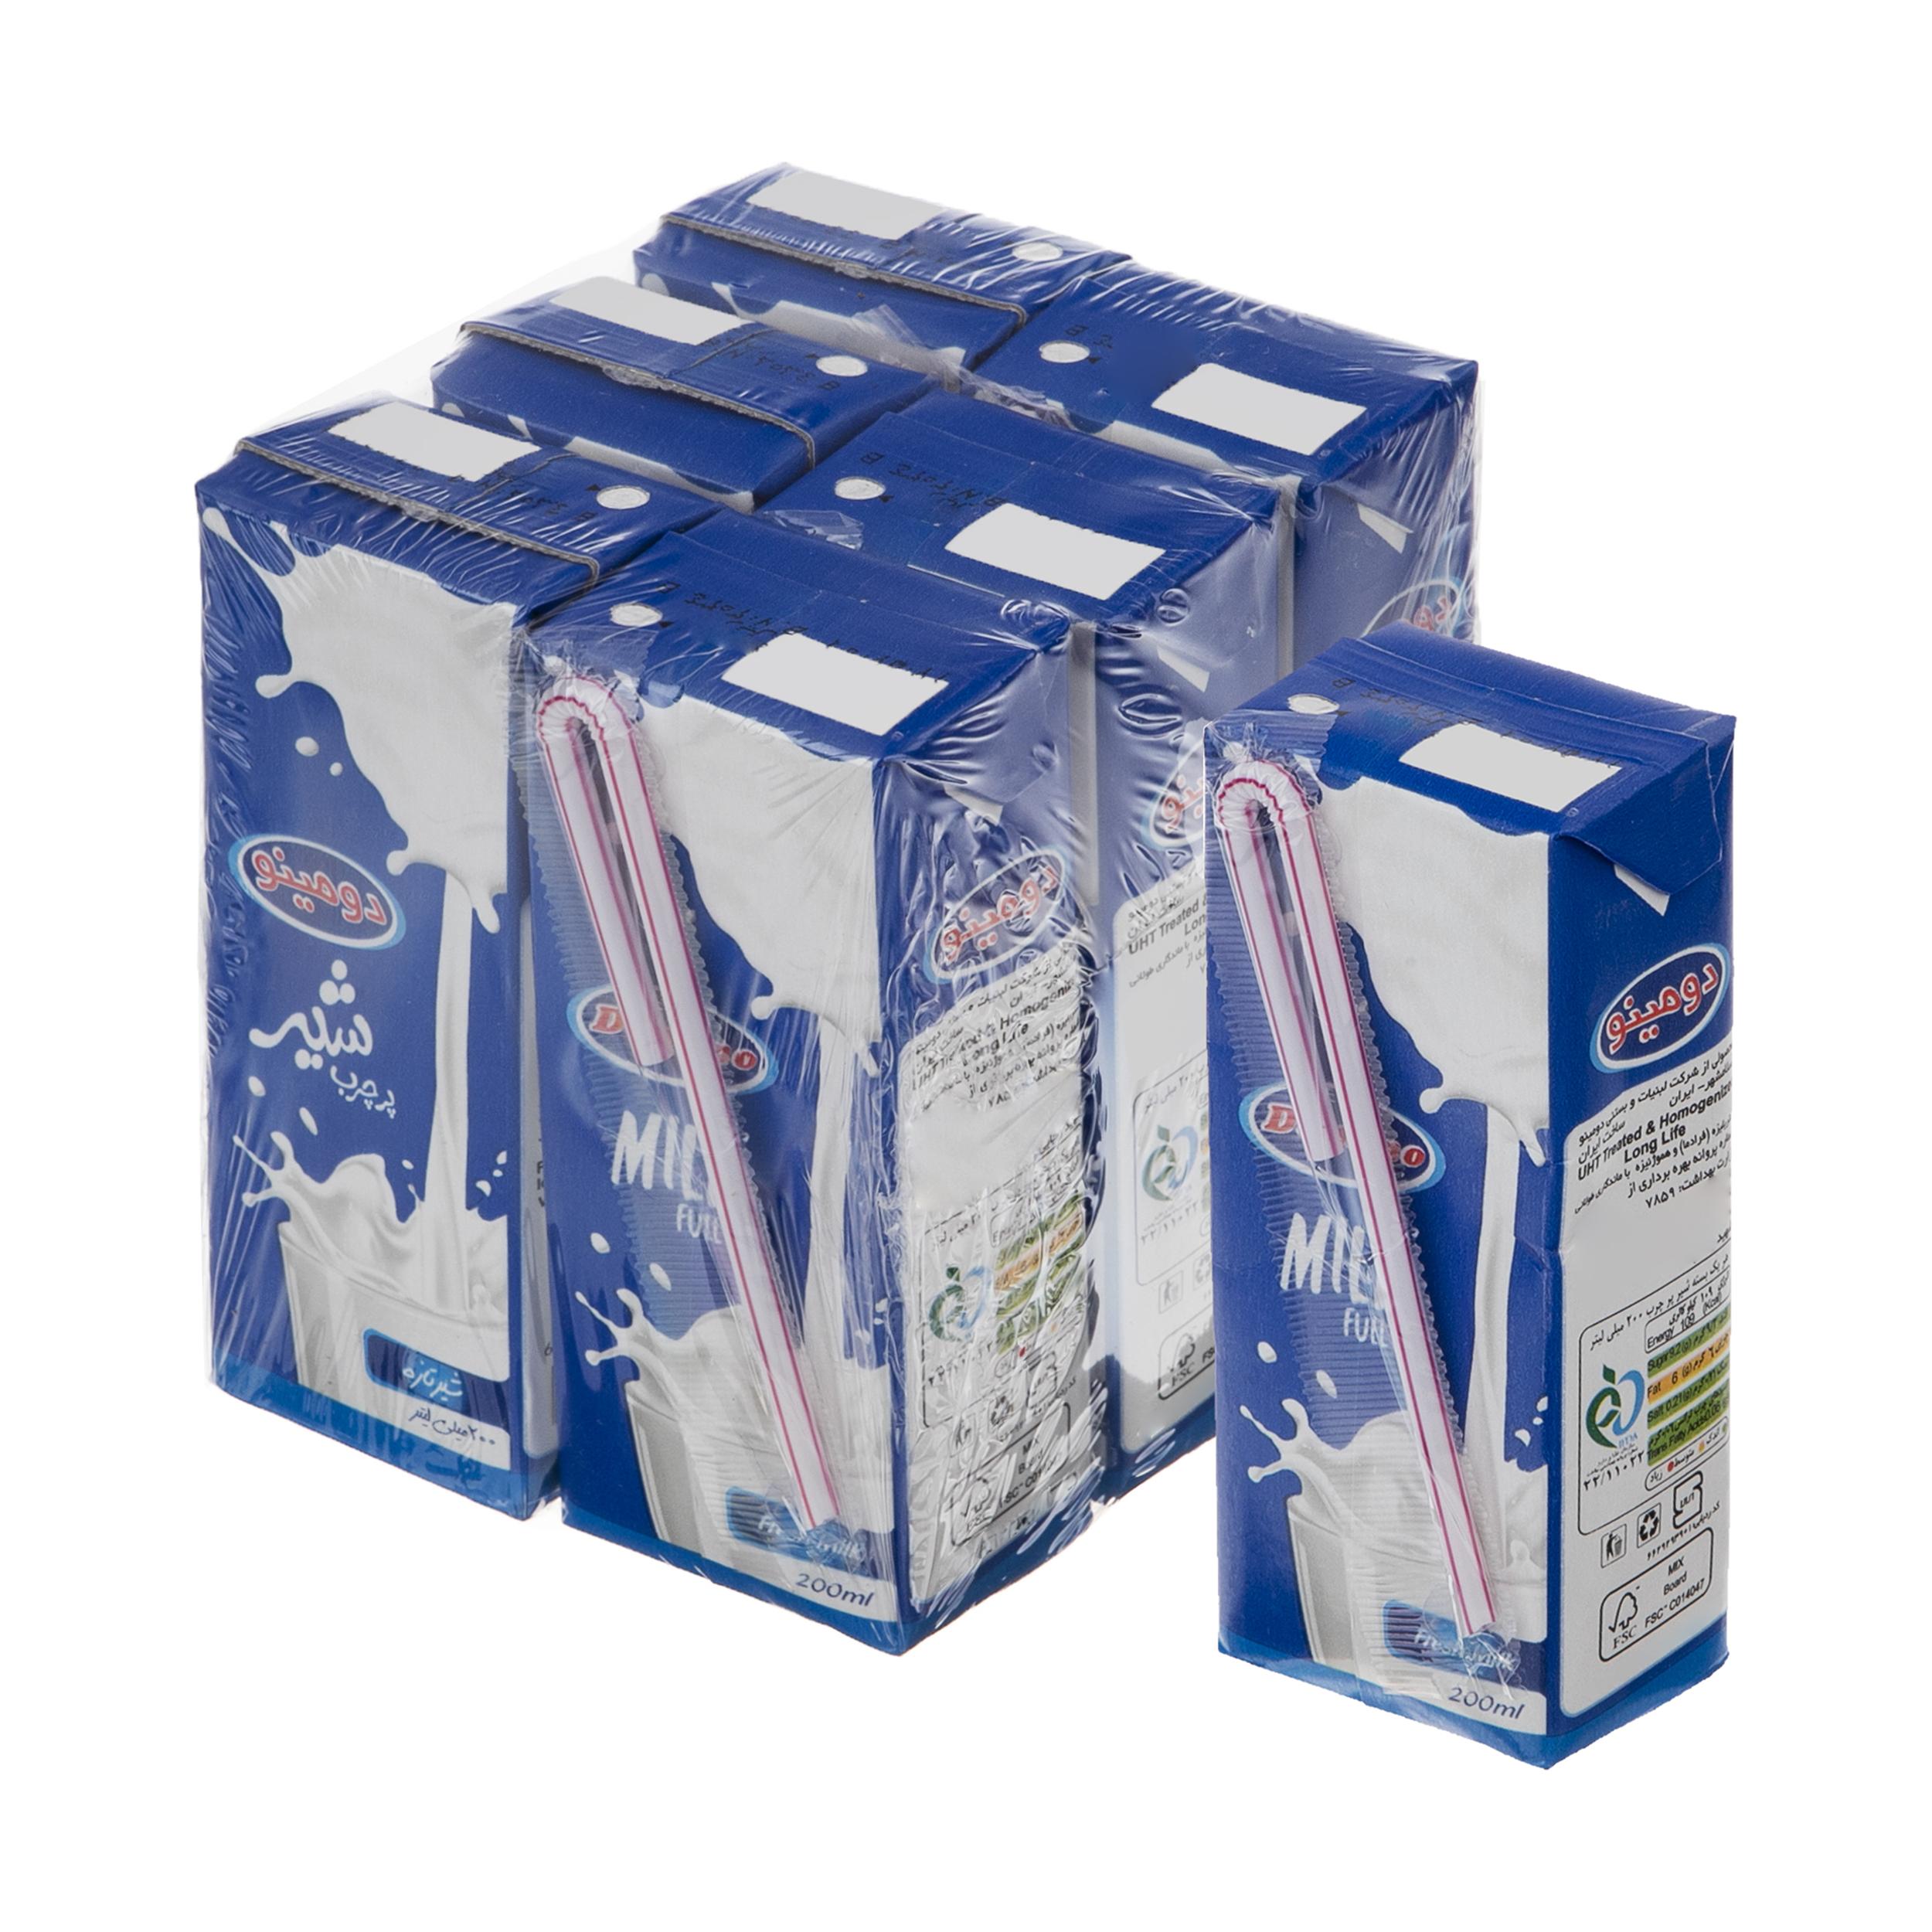 شیر پر چرب دومینو – 0.2 لیتر  بسته 6 عددی